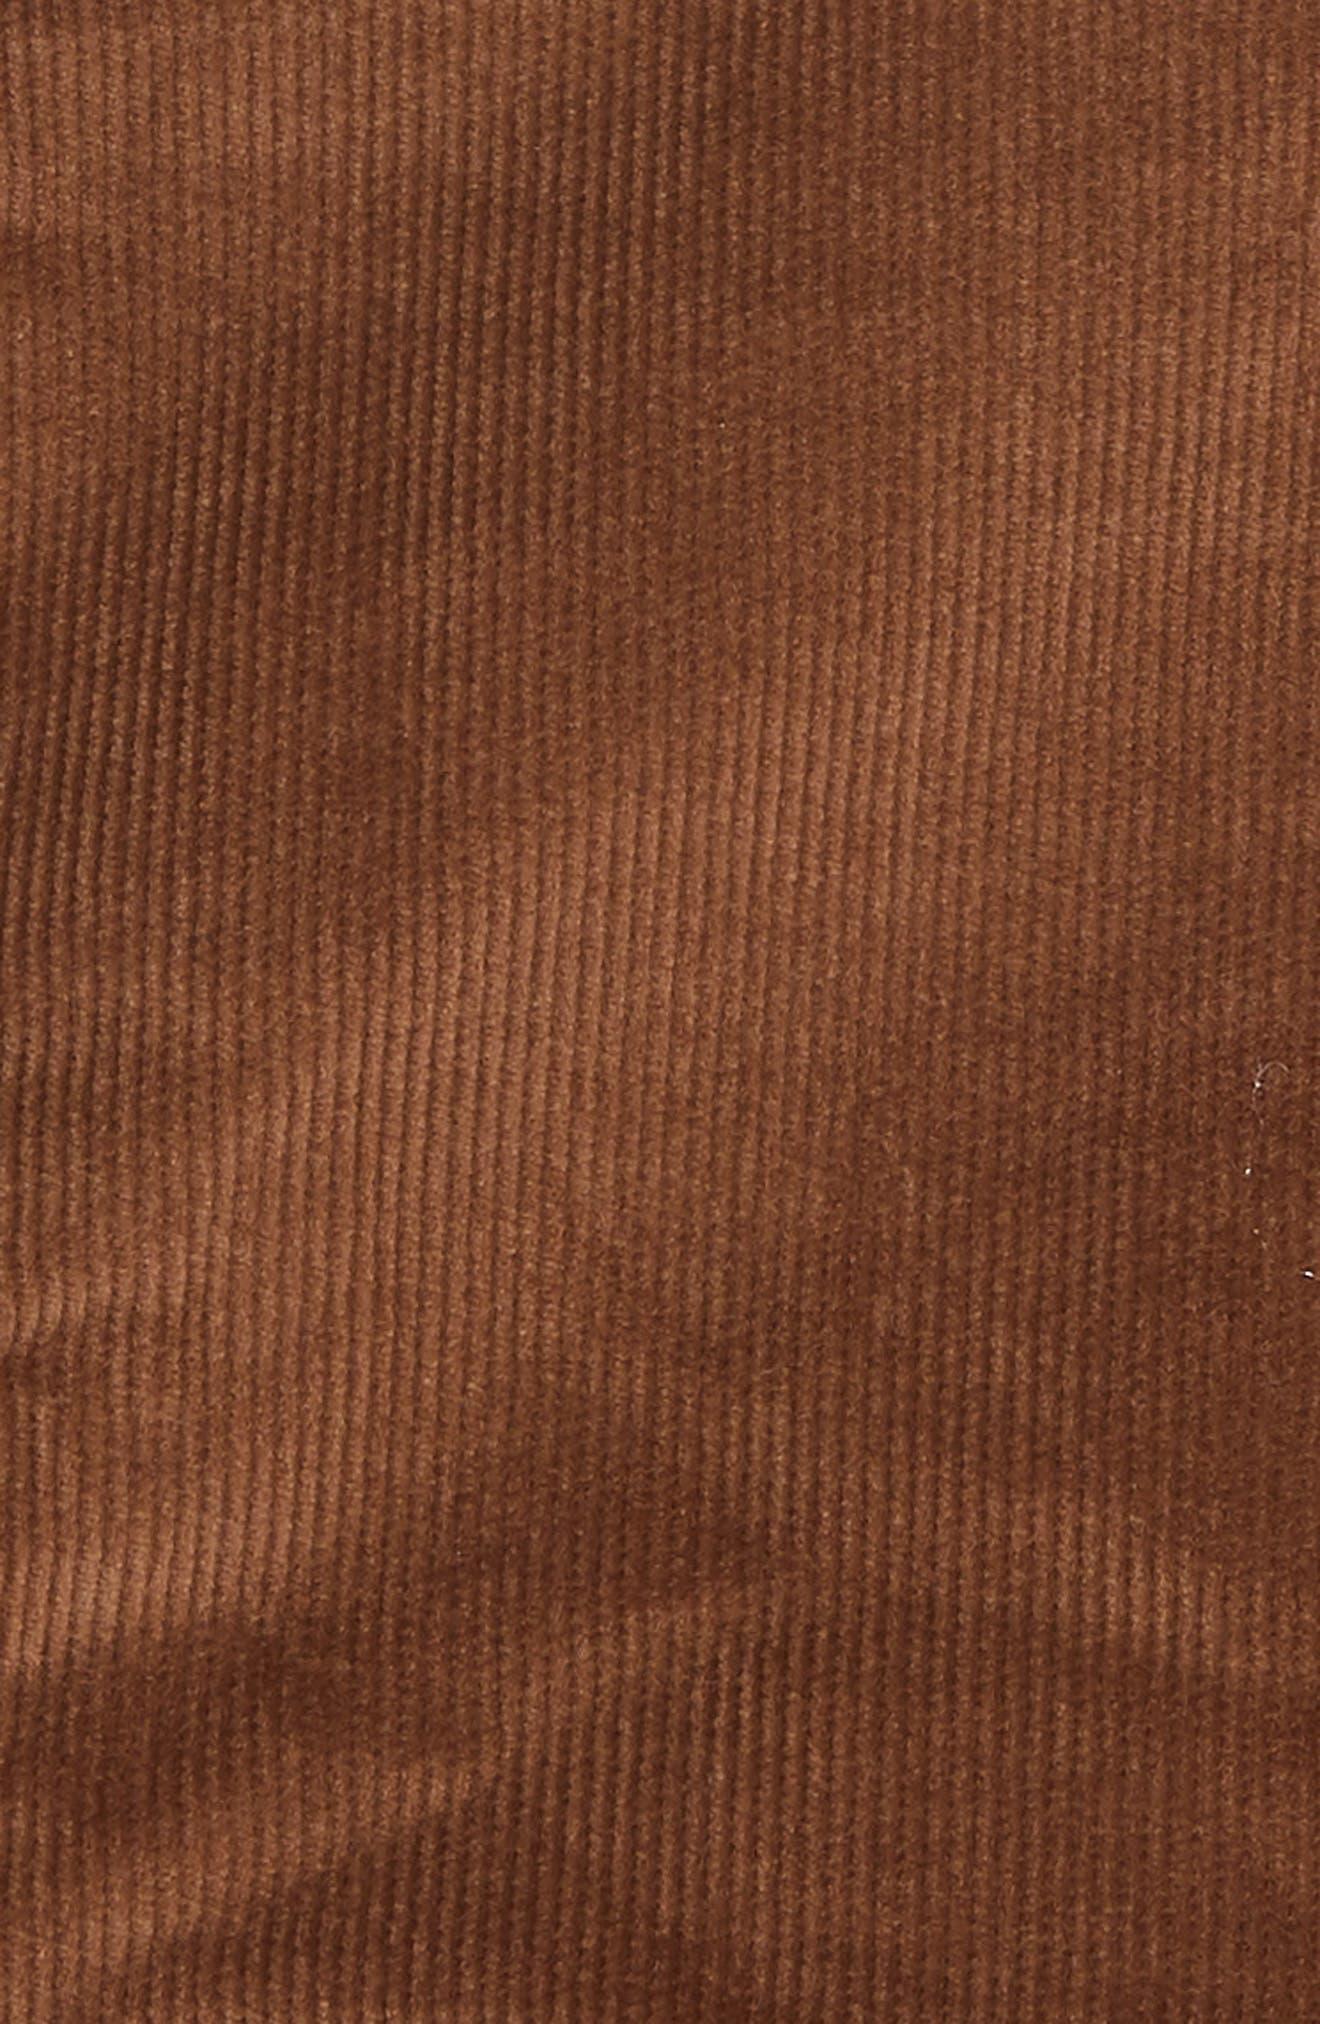 Le Mini Corduroy Skirt,                             Alternate thumbnail 5, color,                             253